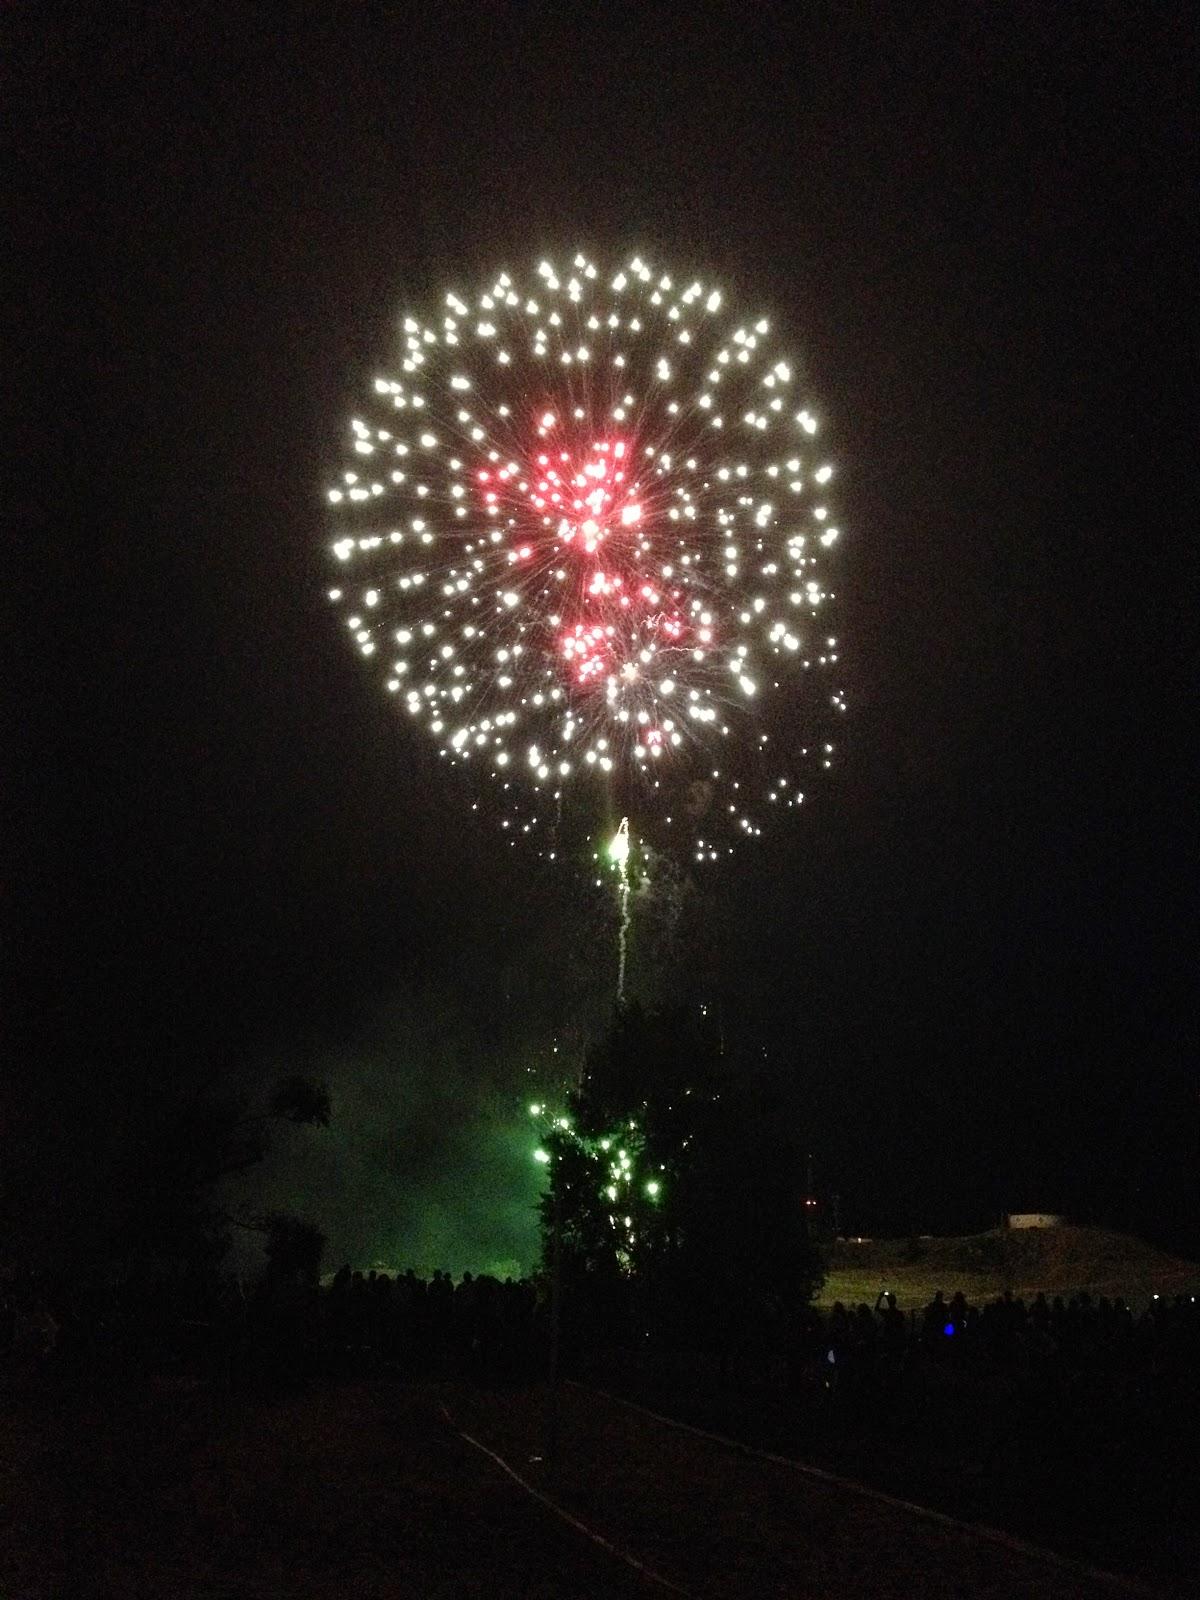 Вчера мы ходили на праздник день независимости США.    Праздник проходил на военной базе Форт Карсон. Все было как всегда: игры для детей, концерт, еда и заключительный салют.          Мы сфотографировались рядом с живыми статуями.